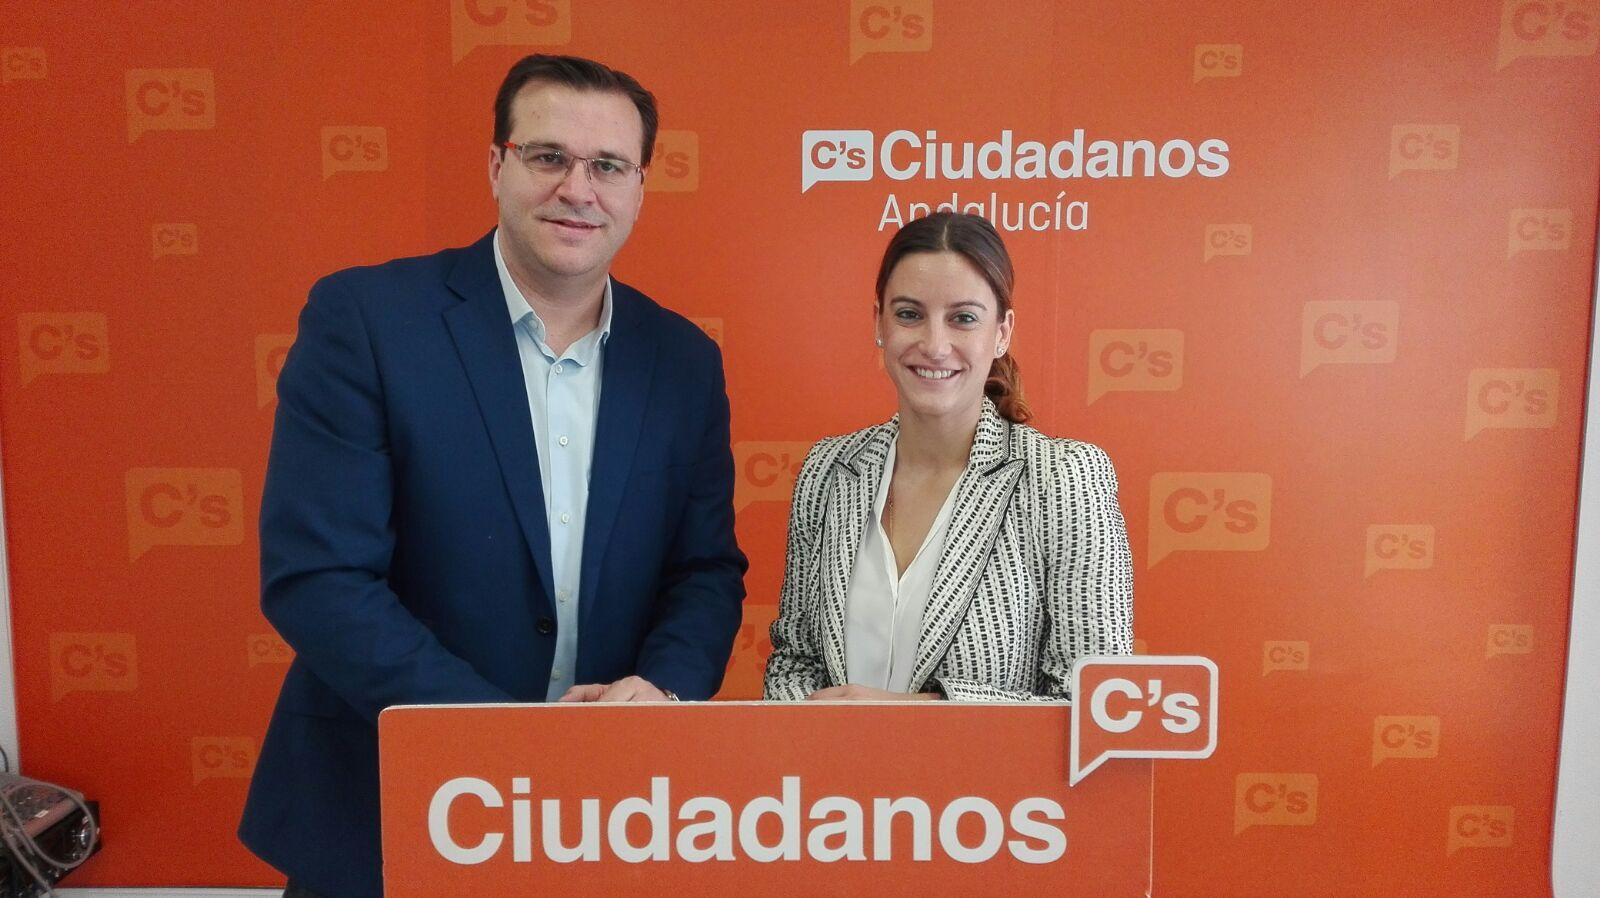 Los diputados al Congreso por Ciudadanos Sevilla, Virginia M Salmerón y Fidel Prieto, durante su intervención esta mañana